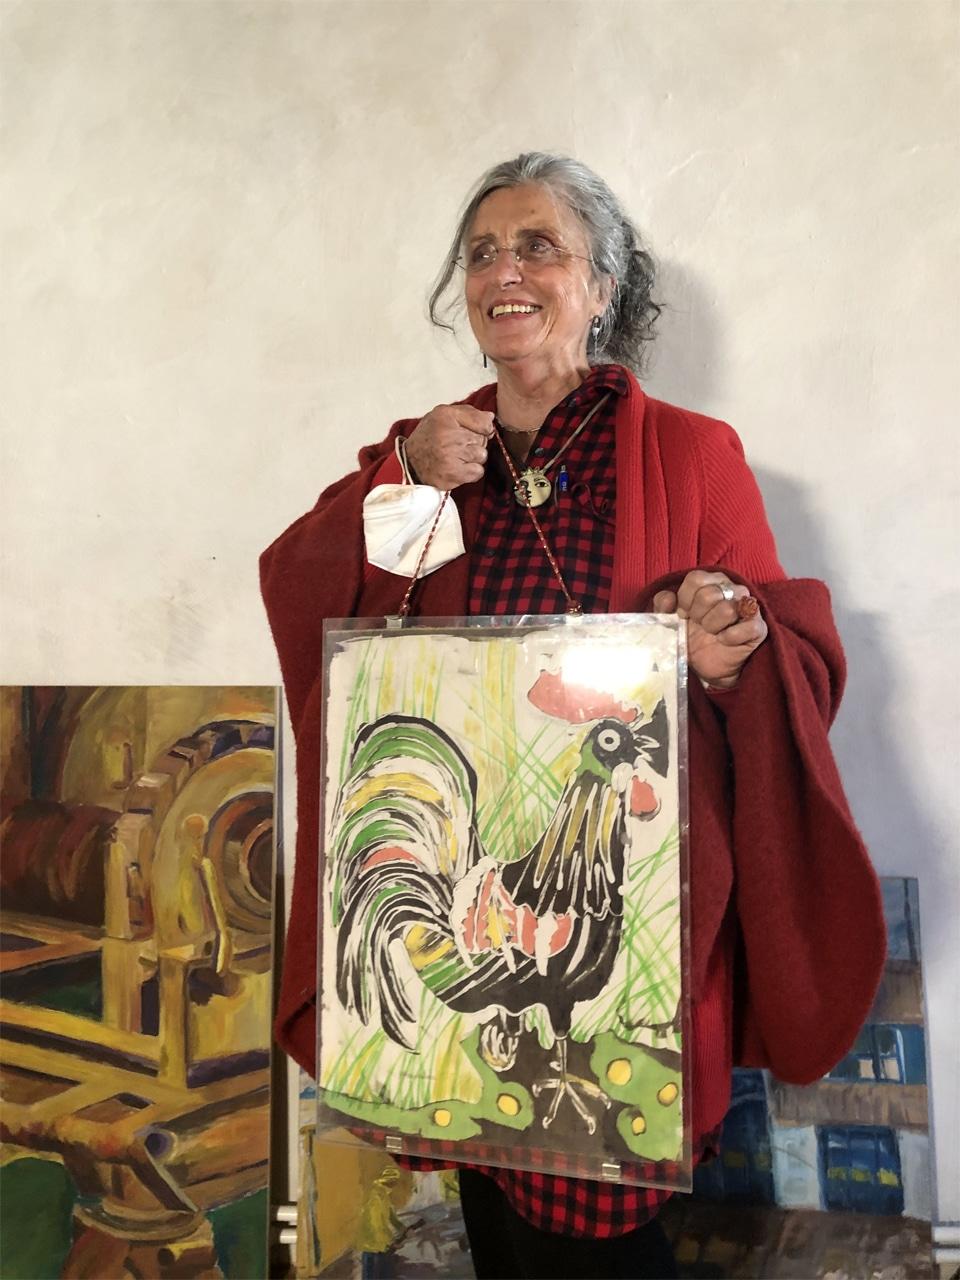 Kriemhild Jager spendet Bilder für Kinderhilfe